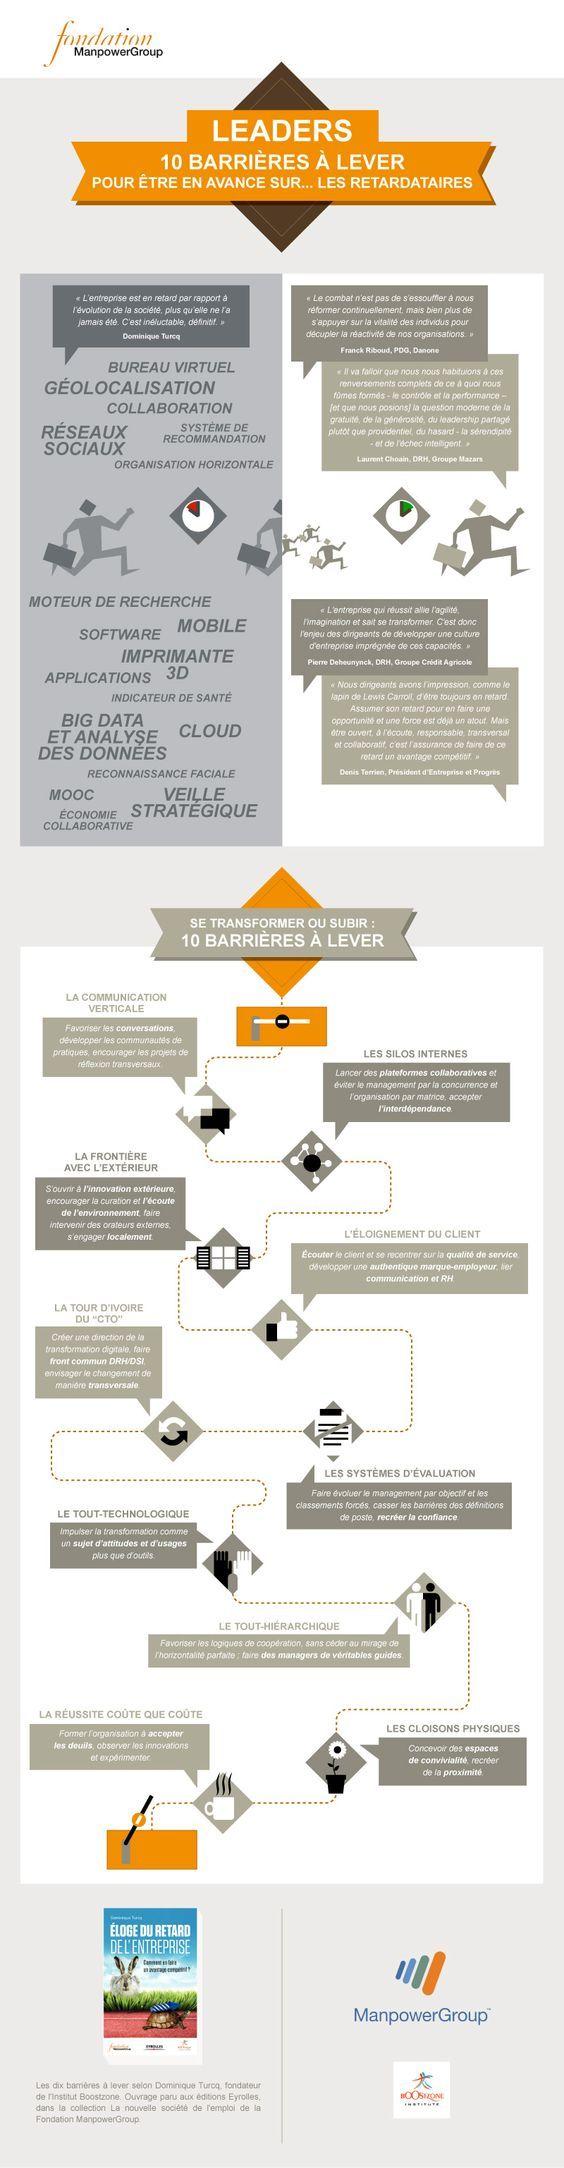 #Leaders : 10 barrières à lever pour être en avance sur… les retardataires